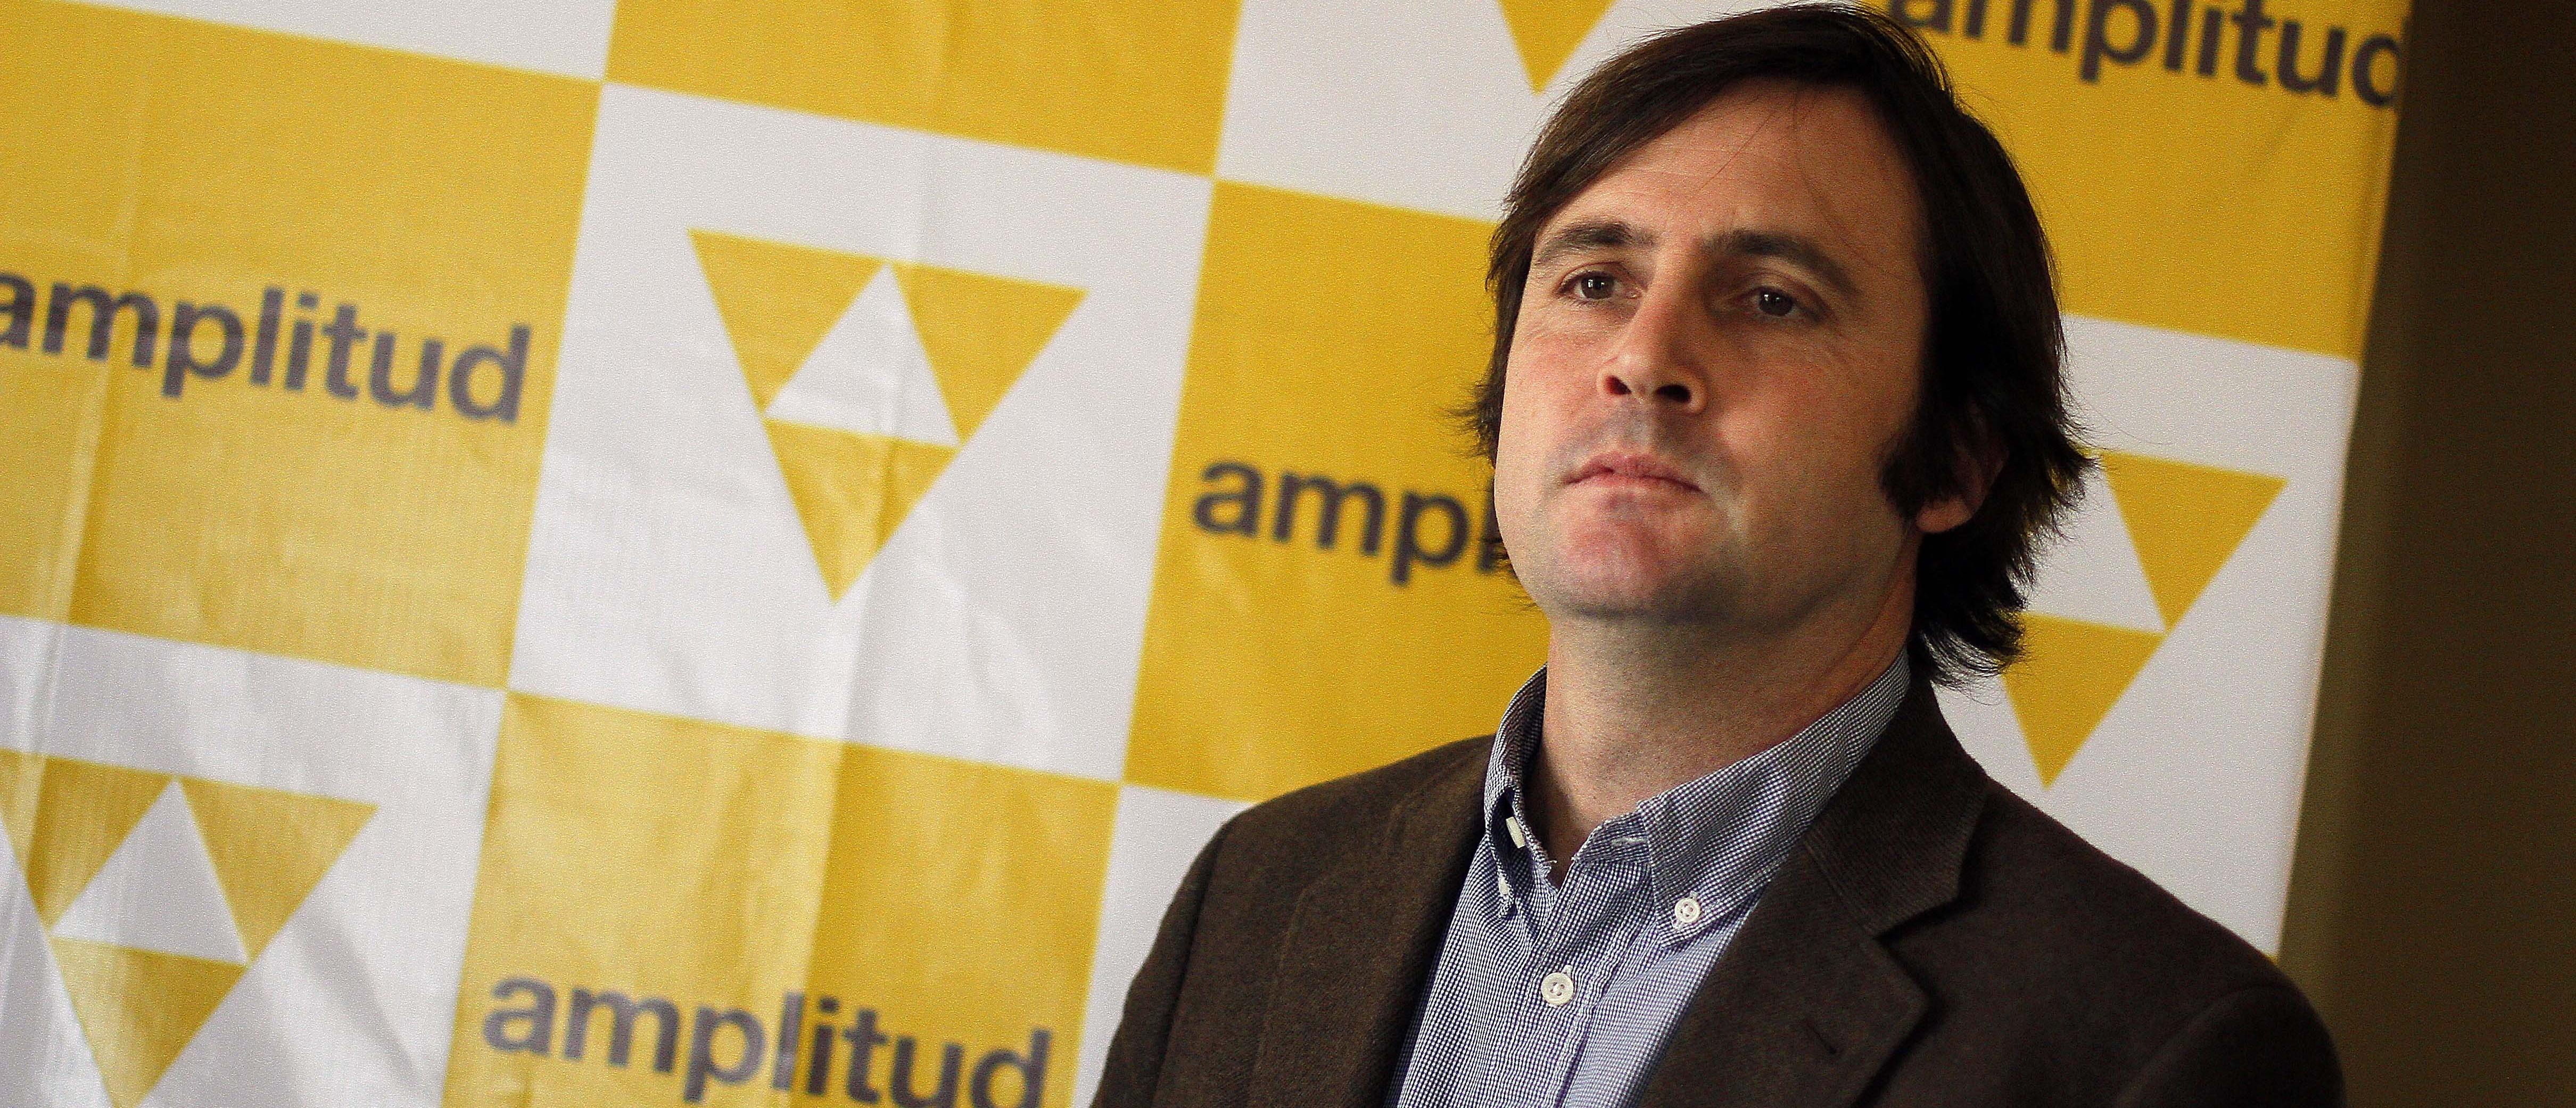 ARCHIVO | Álvaro Cofre | Agencia UNO